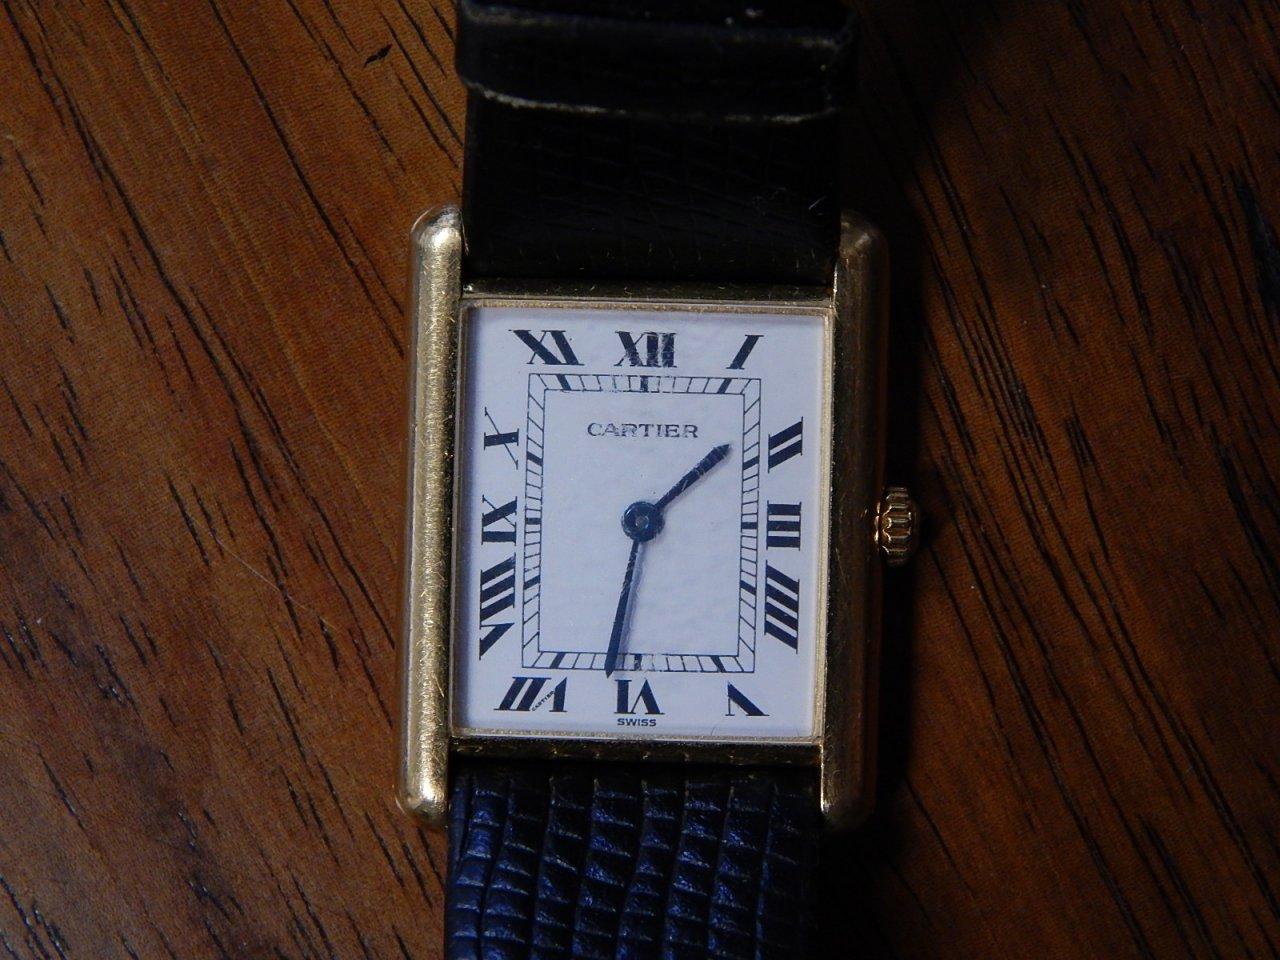 Cartier 18k Gold Watch